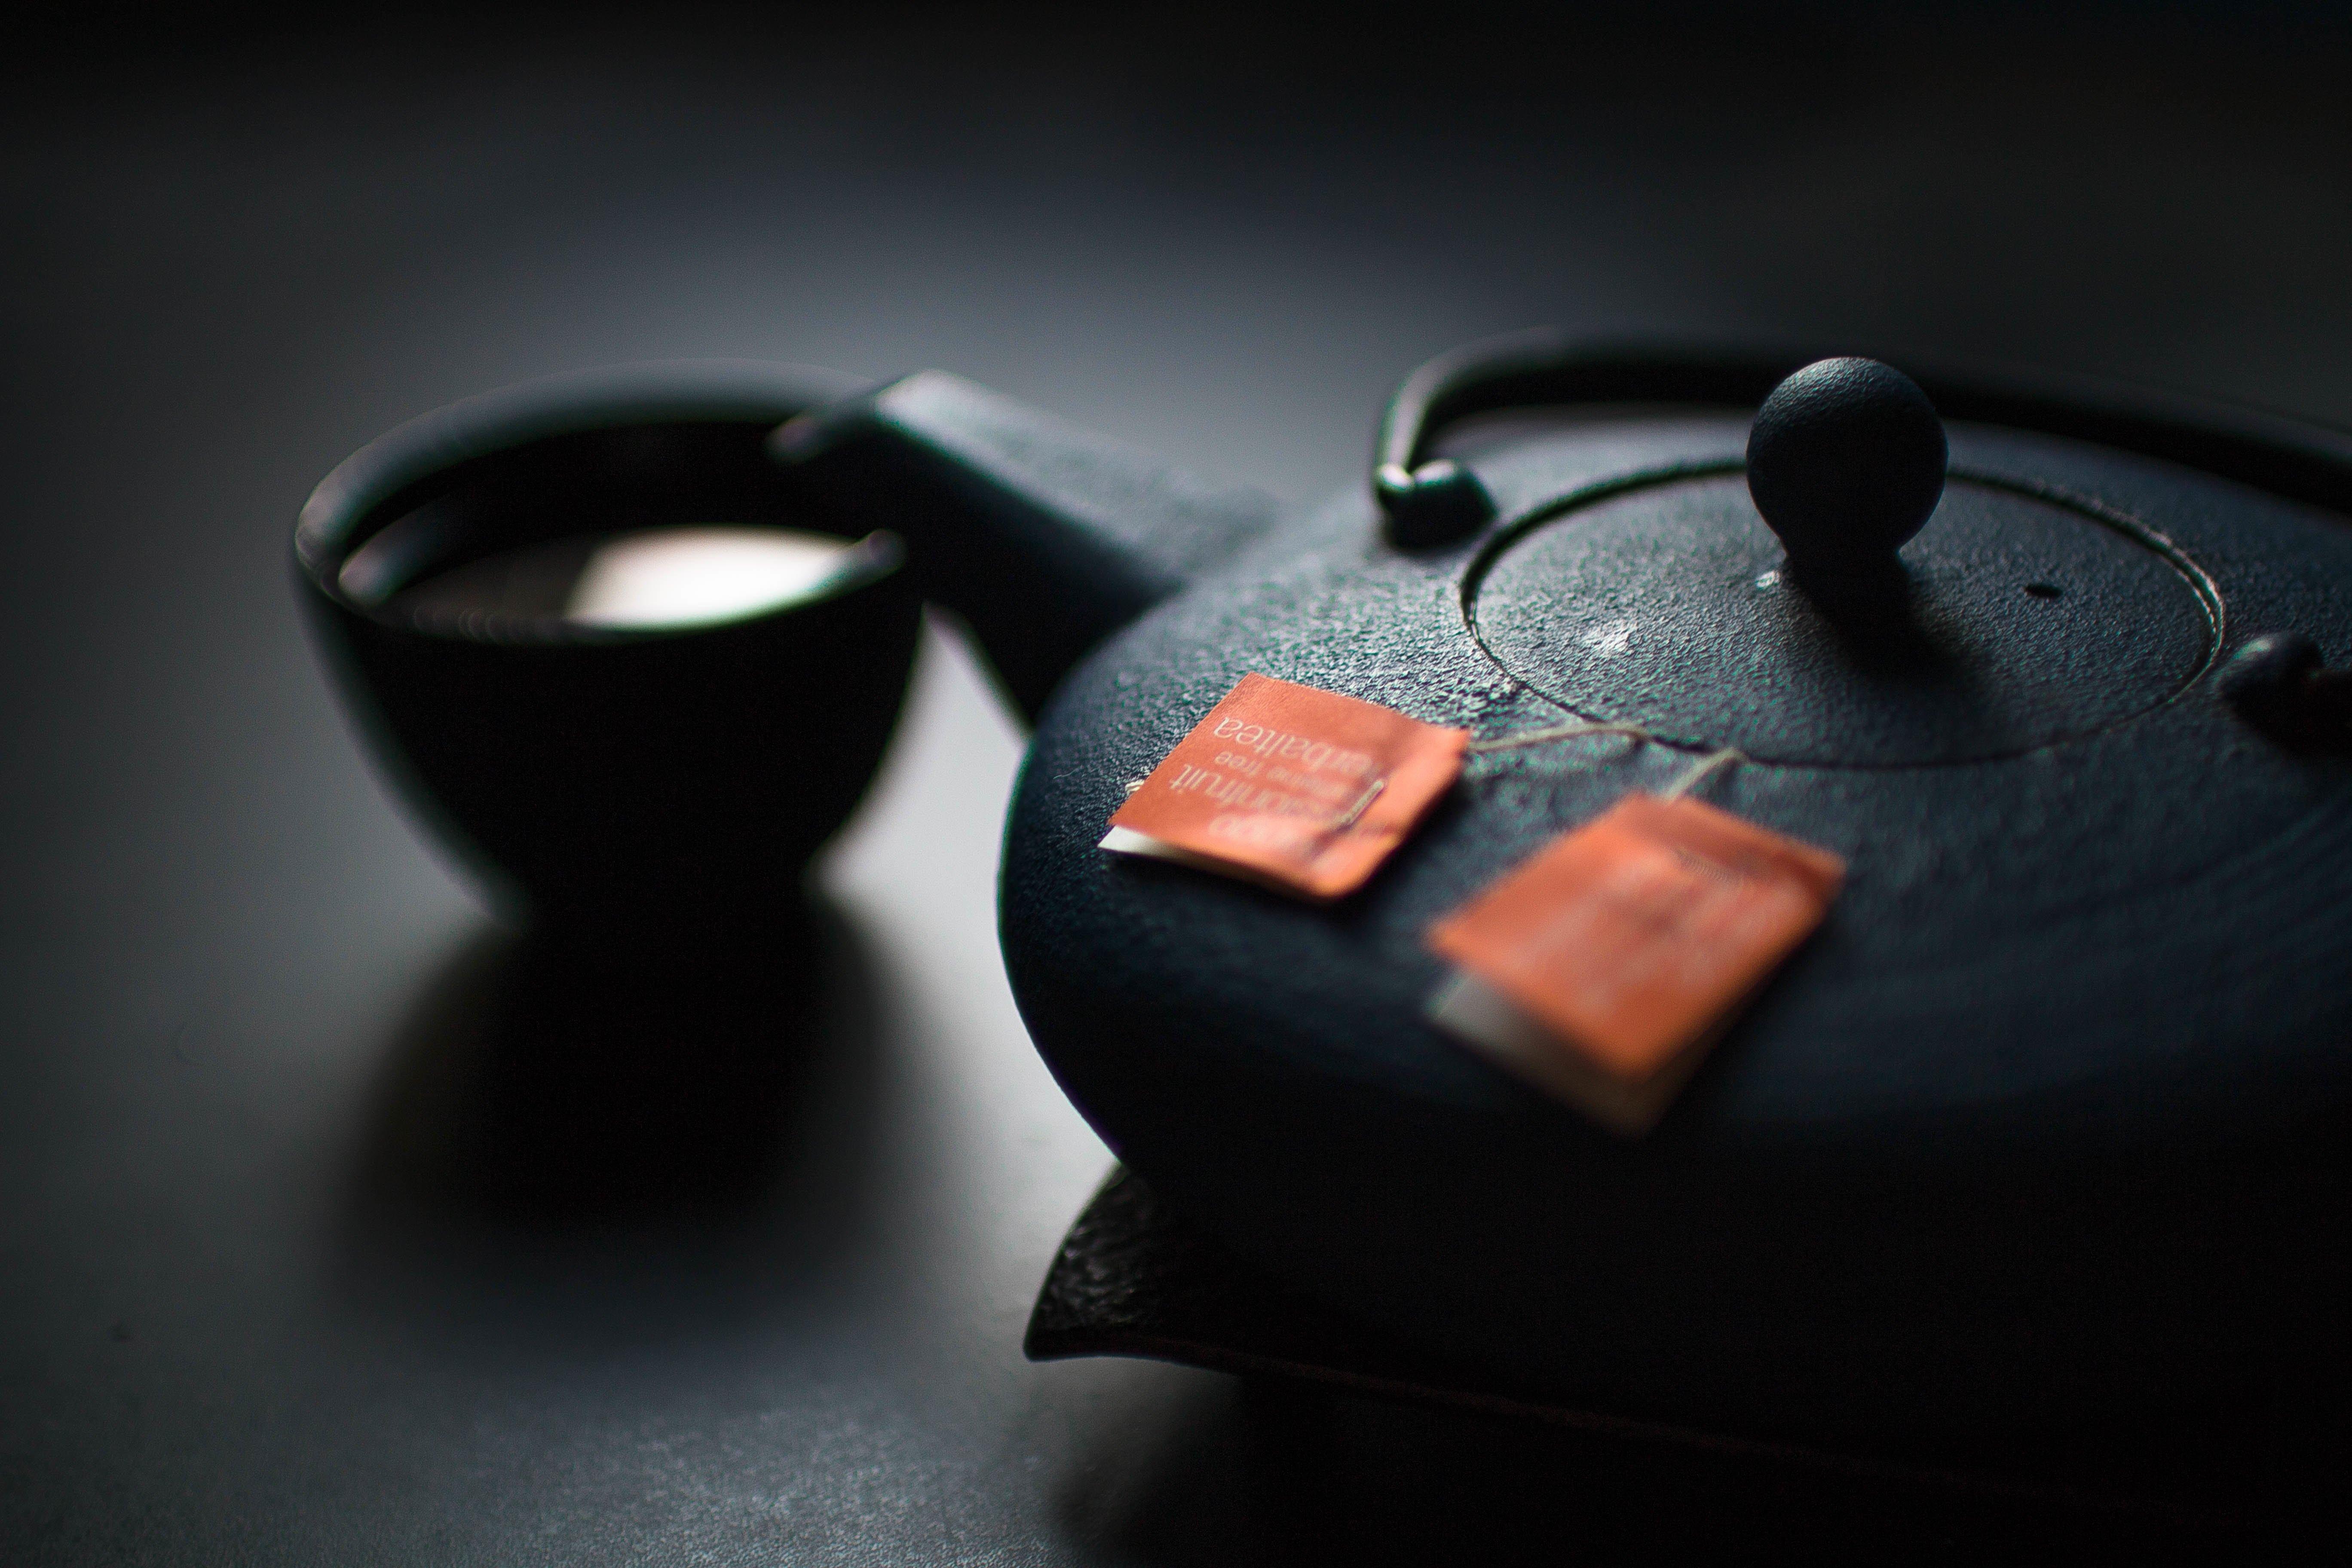 Una tazza di tè e un buon libro inglese fra '700 e '800 ci riportano indietro nel tempo